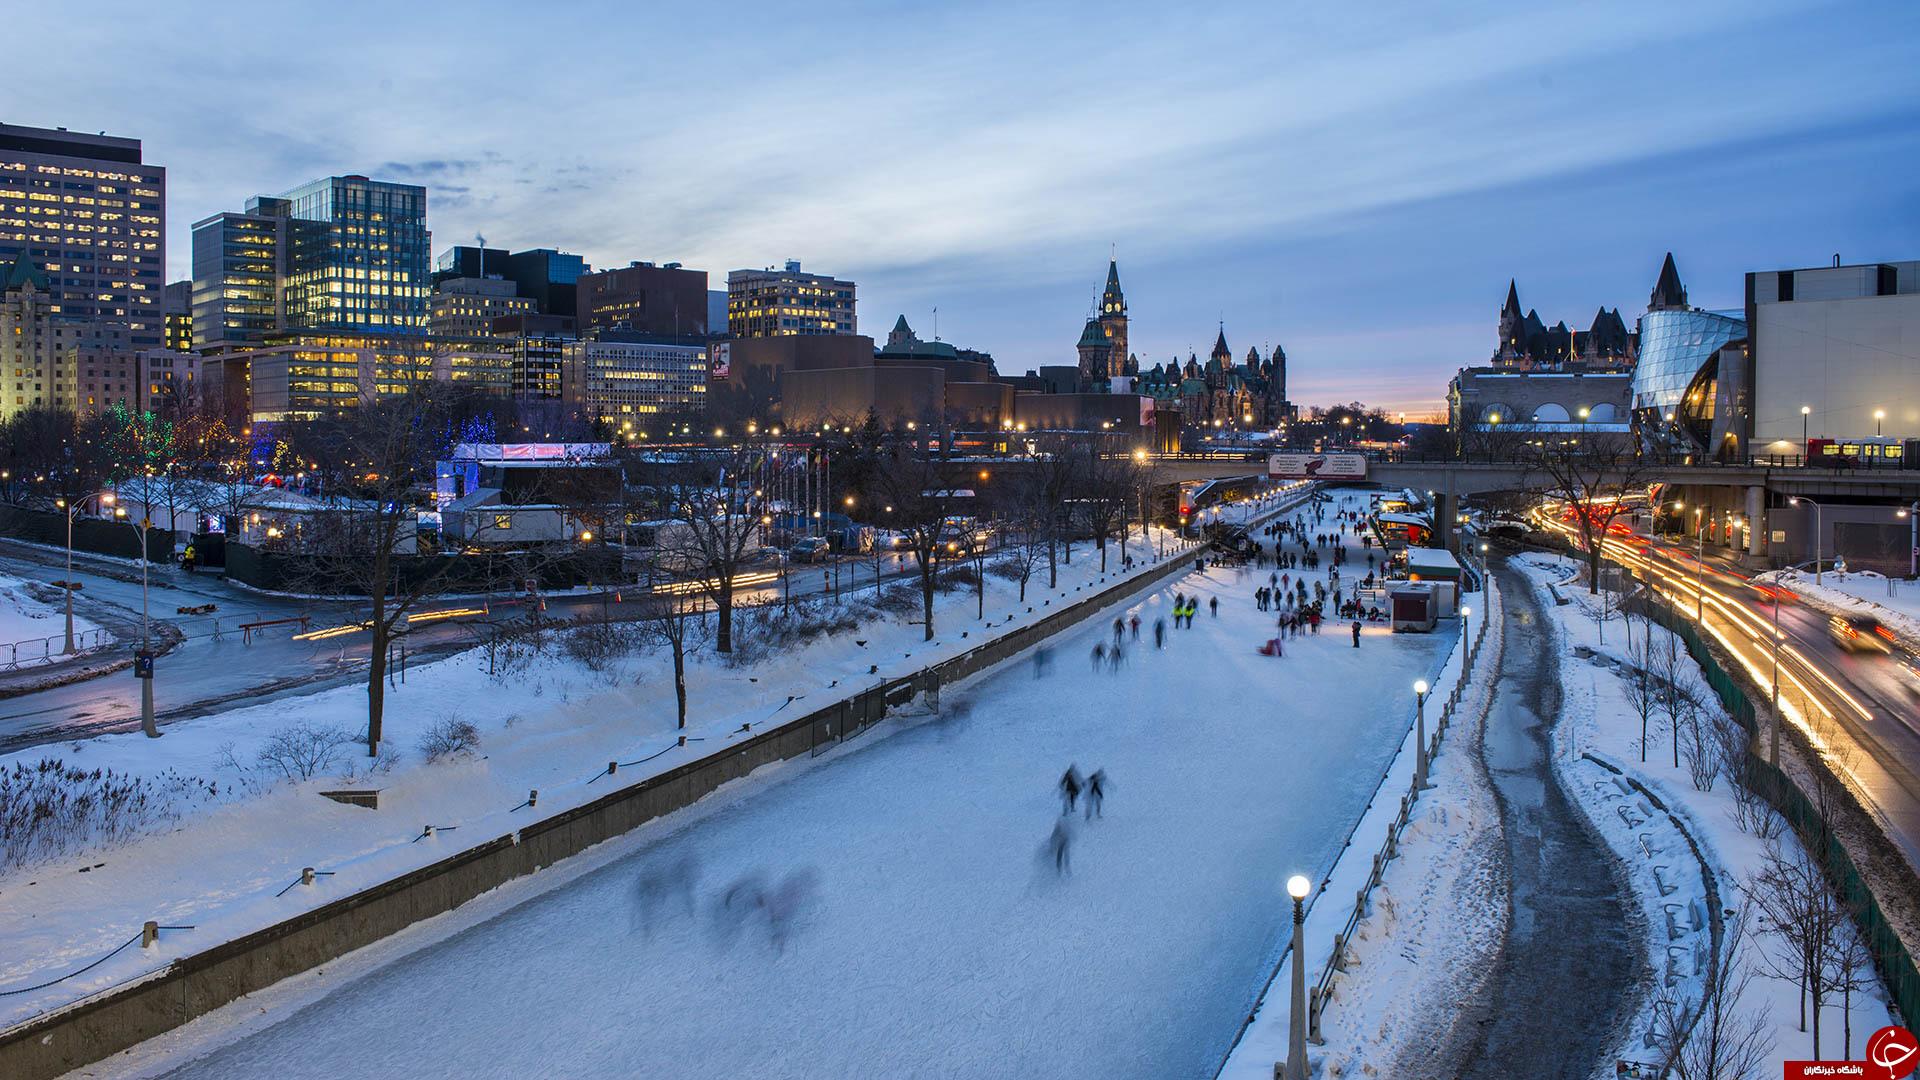 عکس زیبا از کشور کانادا